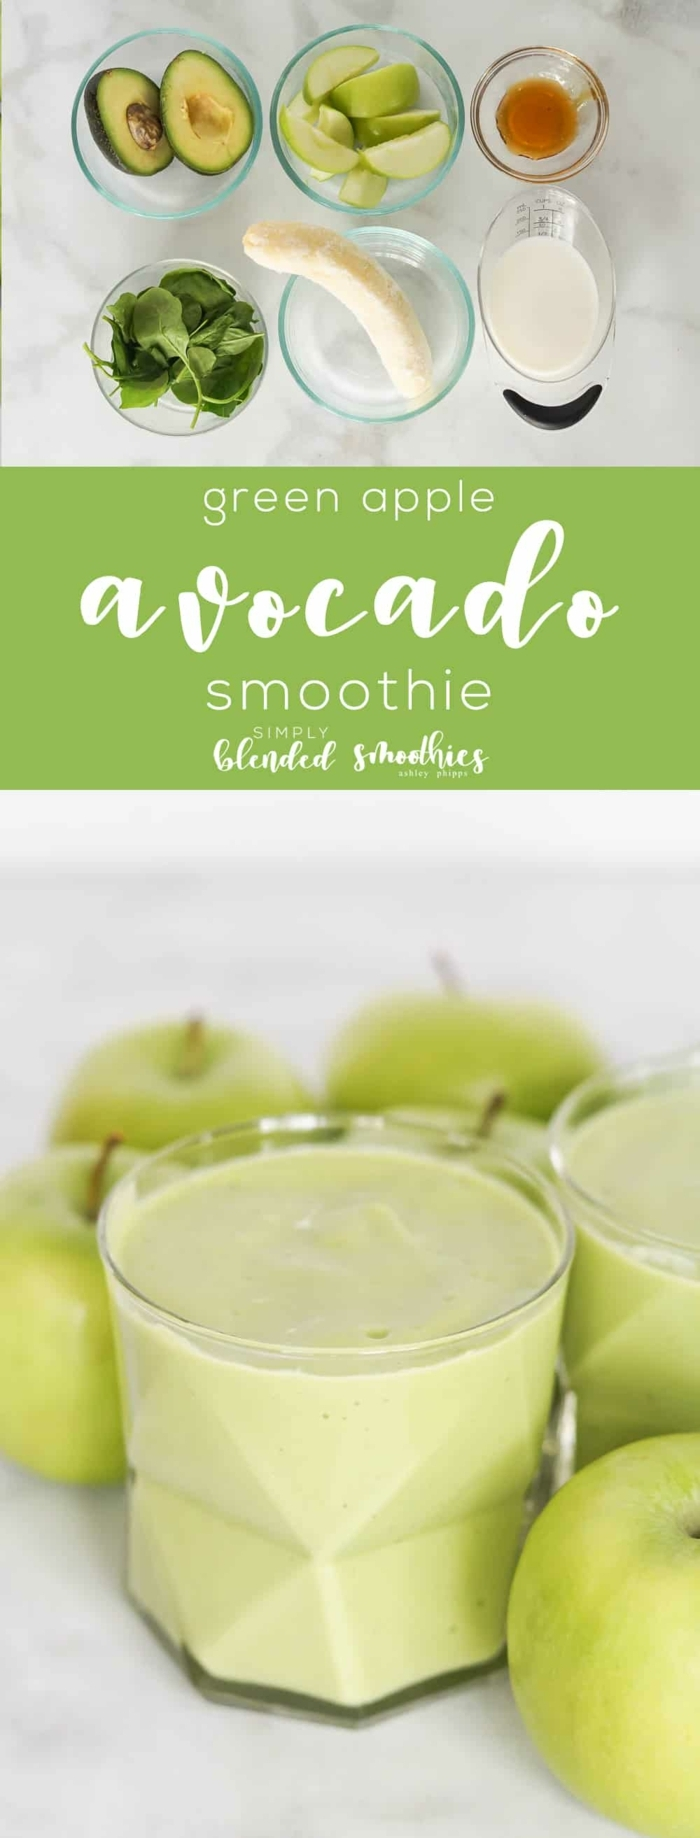 rezepte ohne kohlenhydrate, smoothie mit äpfeln, avocado, banane, sojamilch und honig